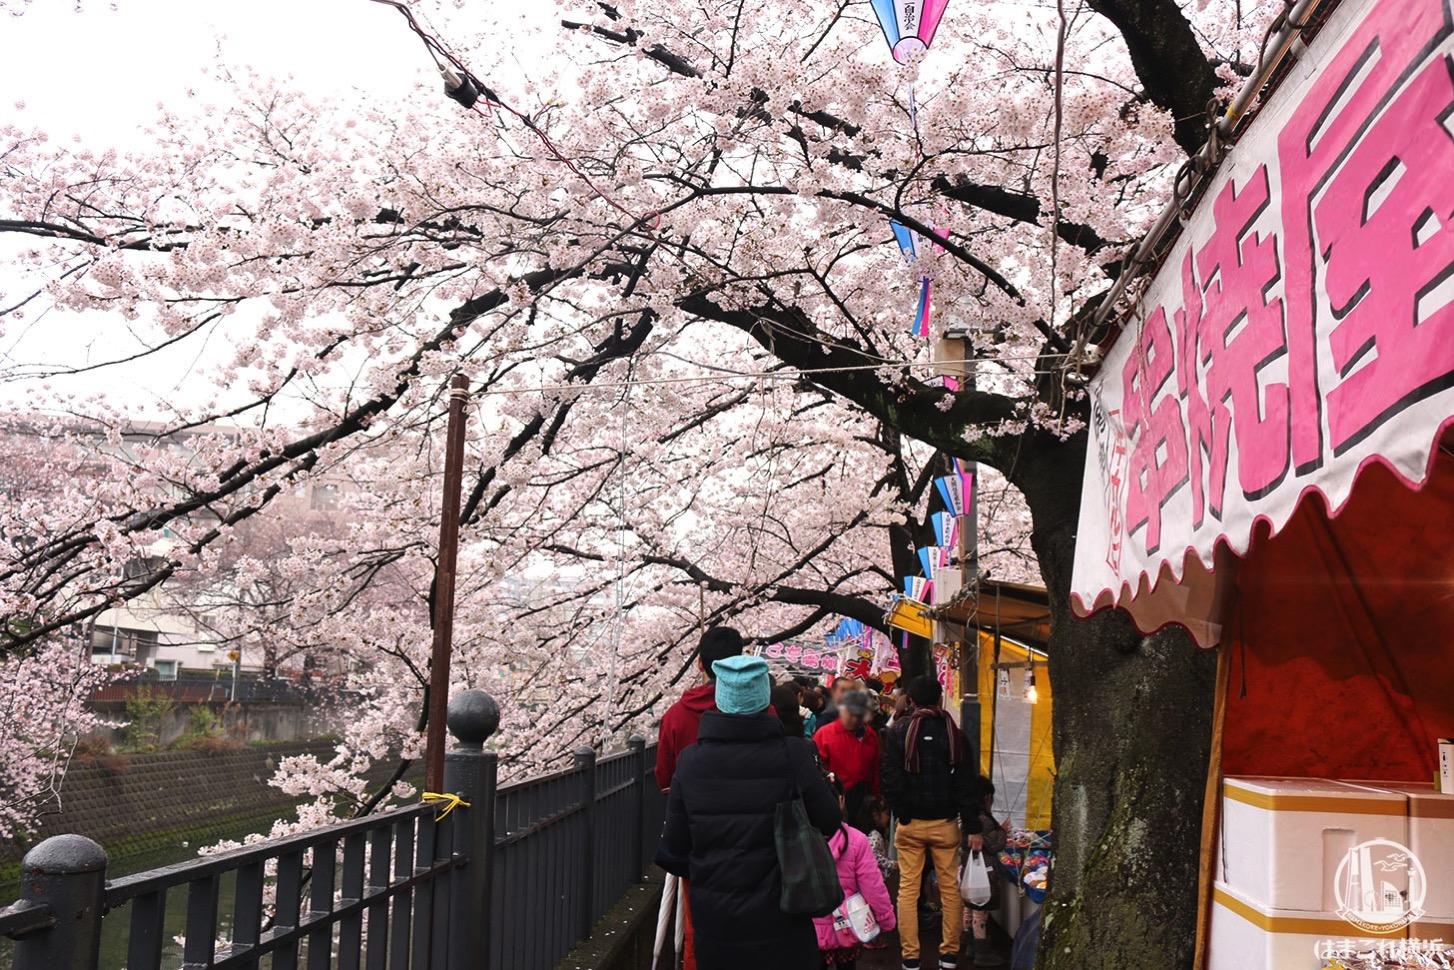 大岡川プロムナード 模擬店と桜